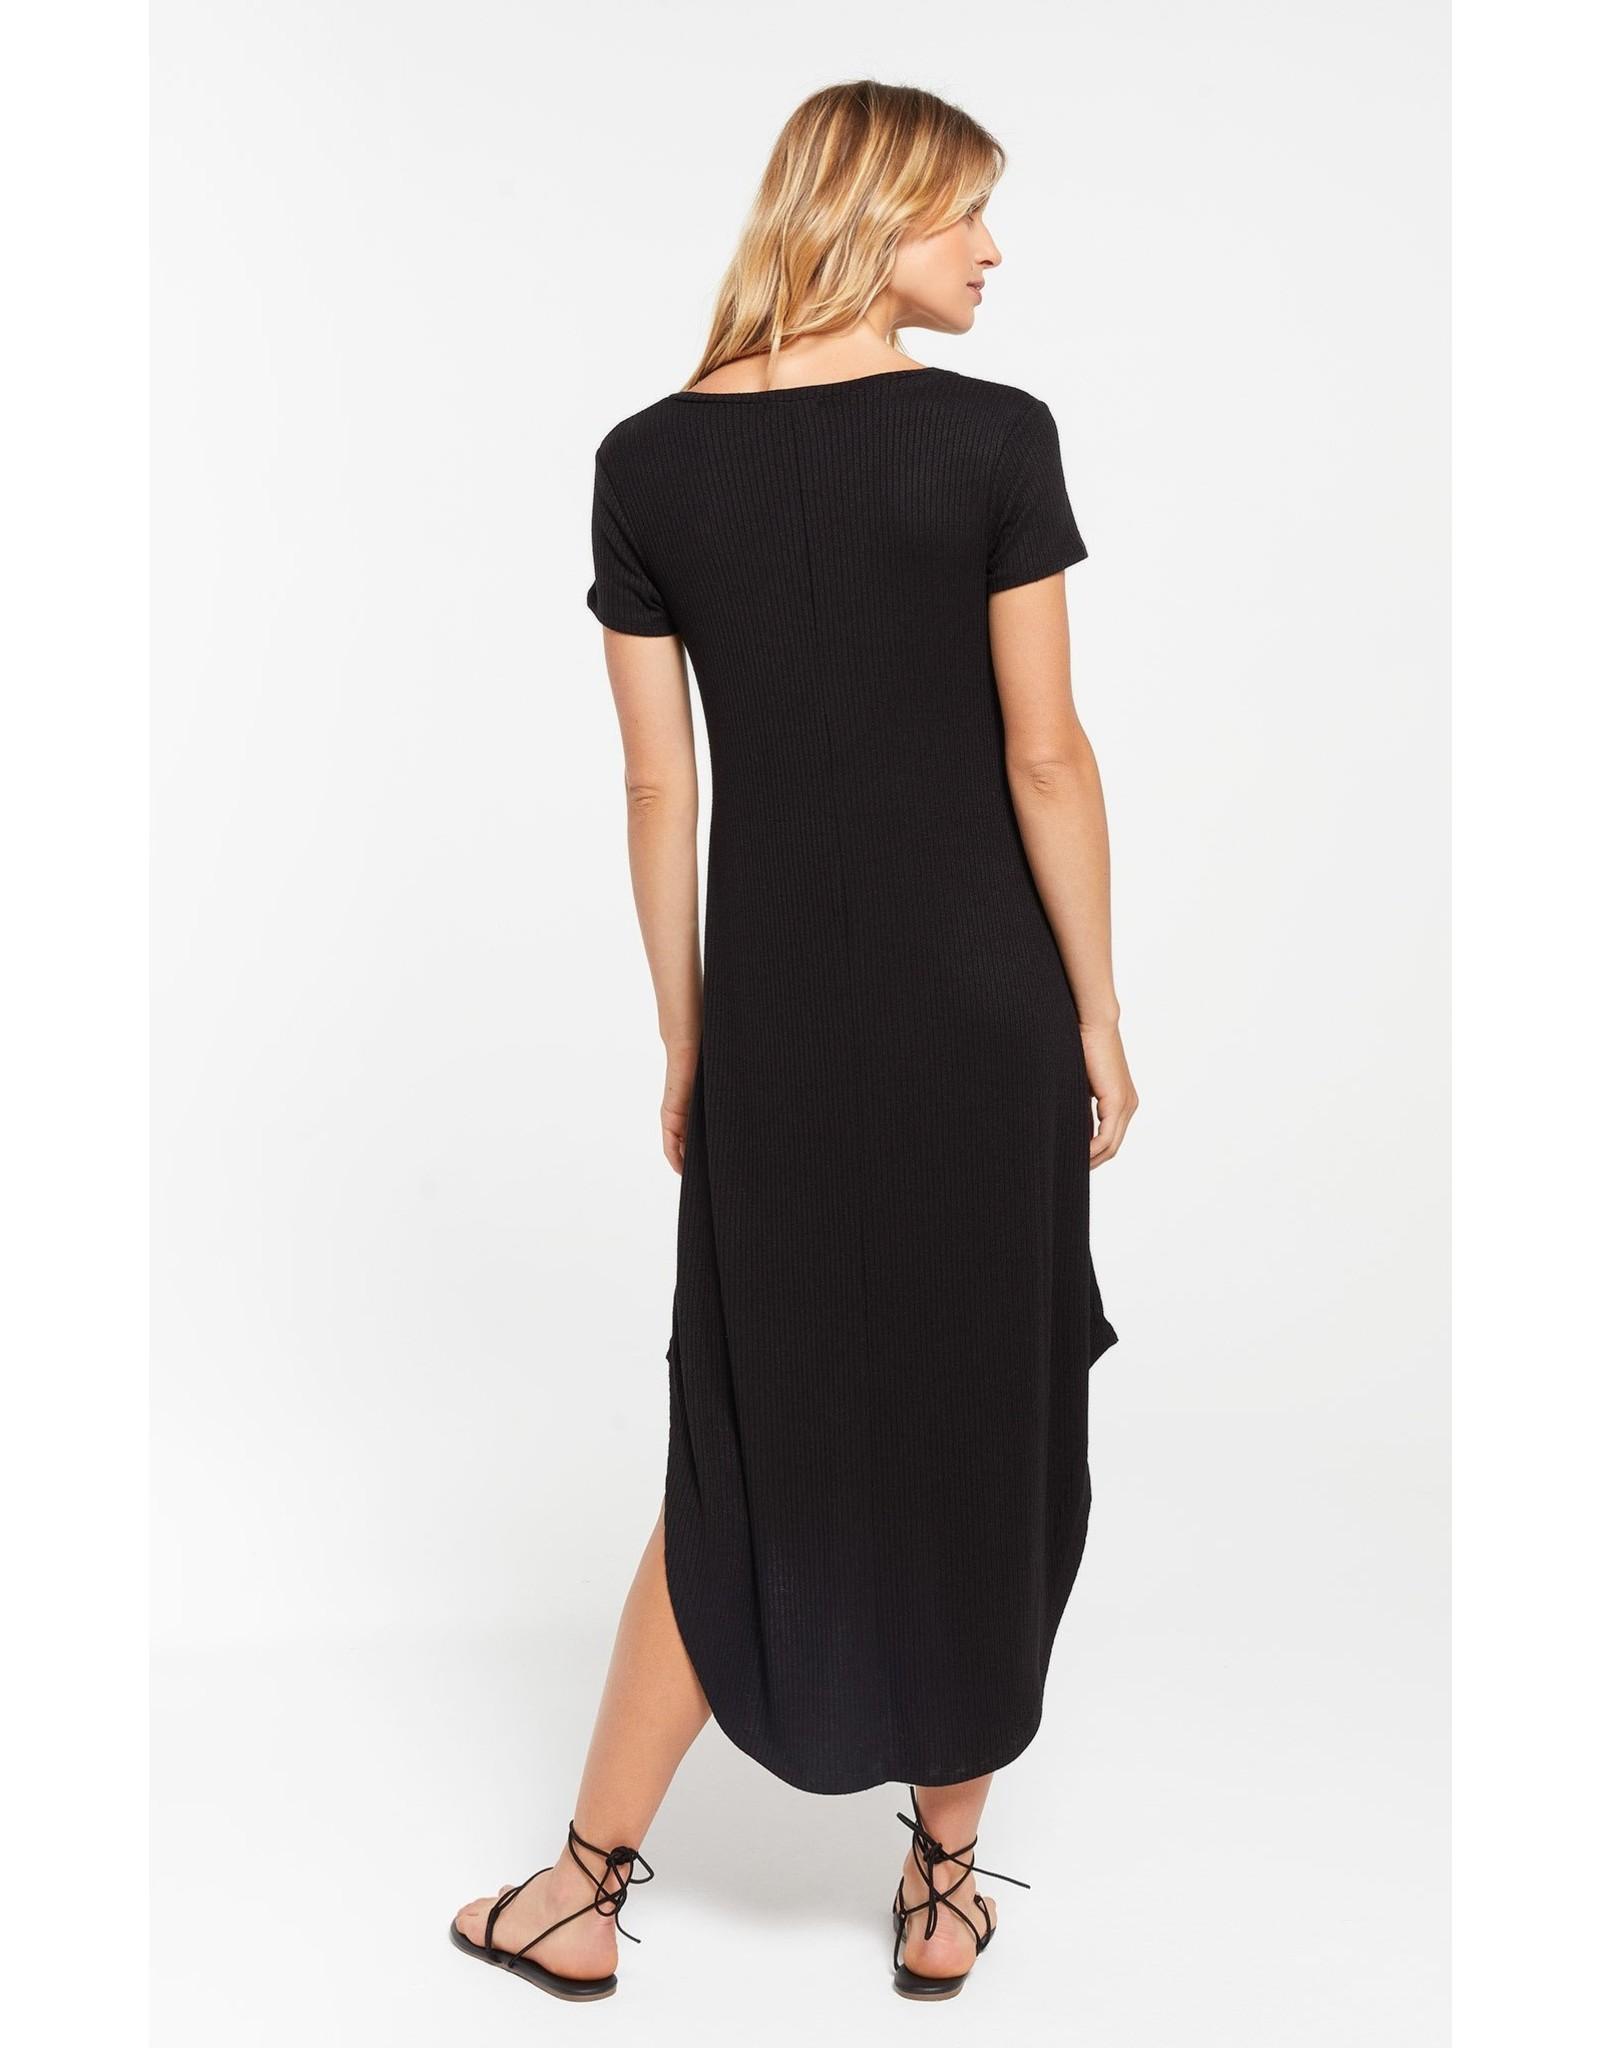 Z Supply - Reverie Rib Dress